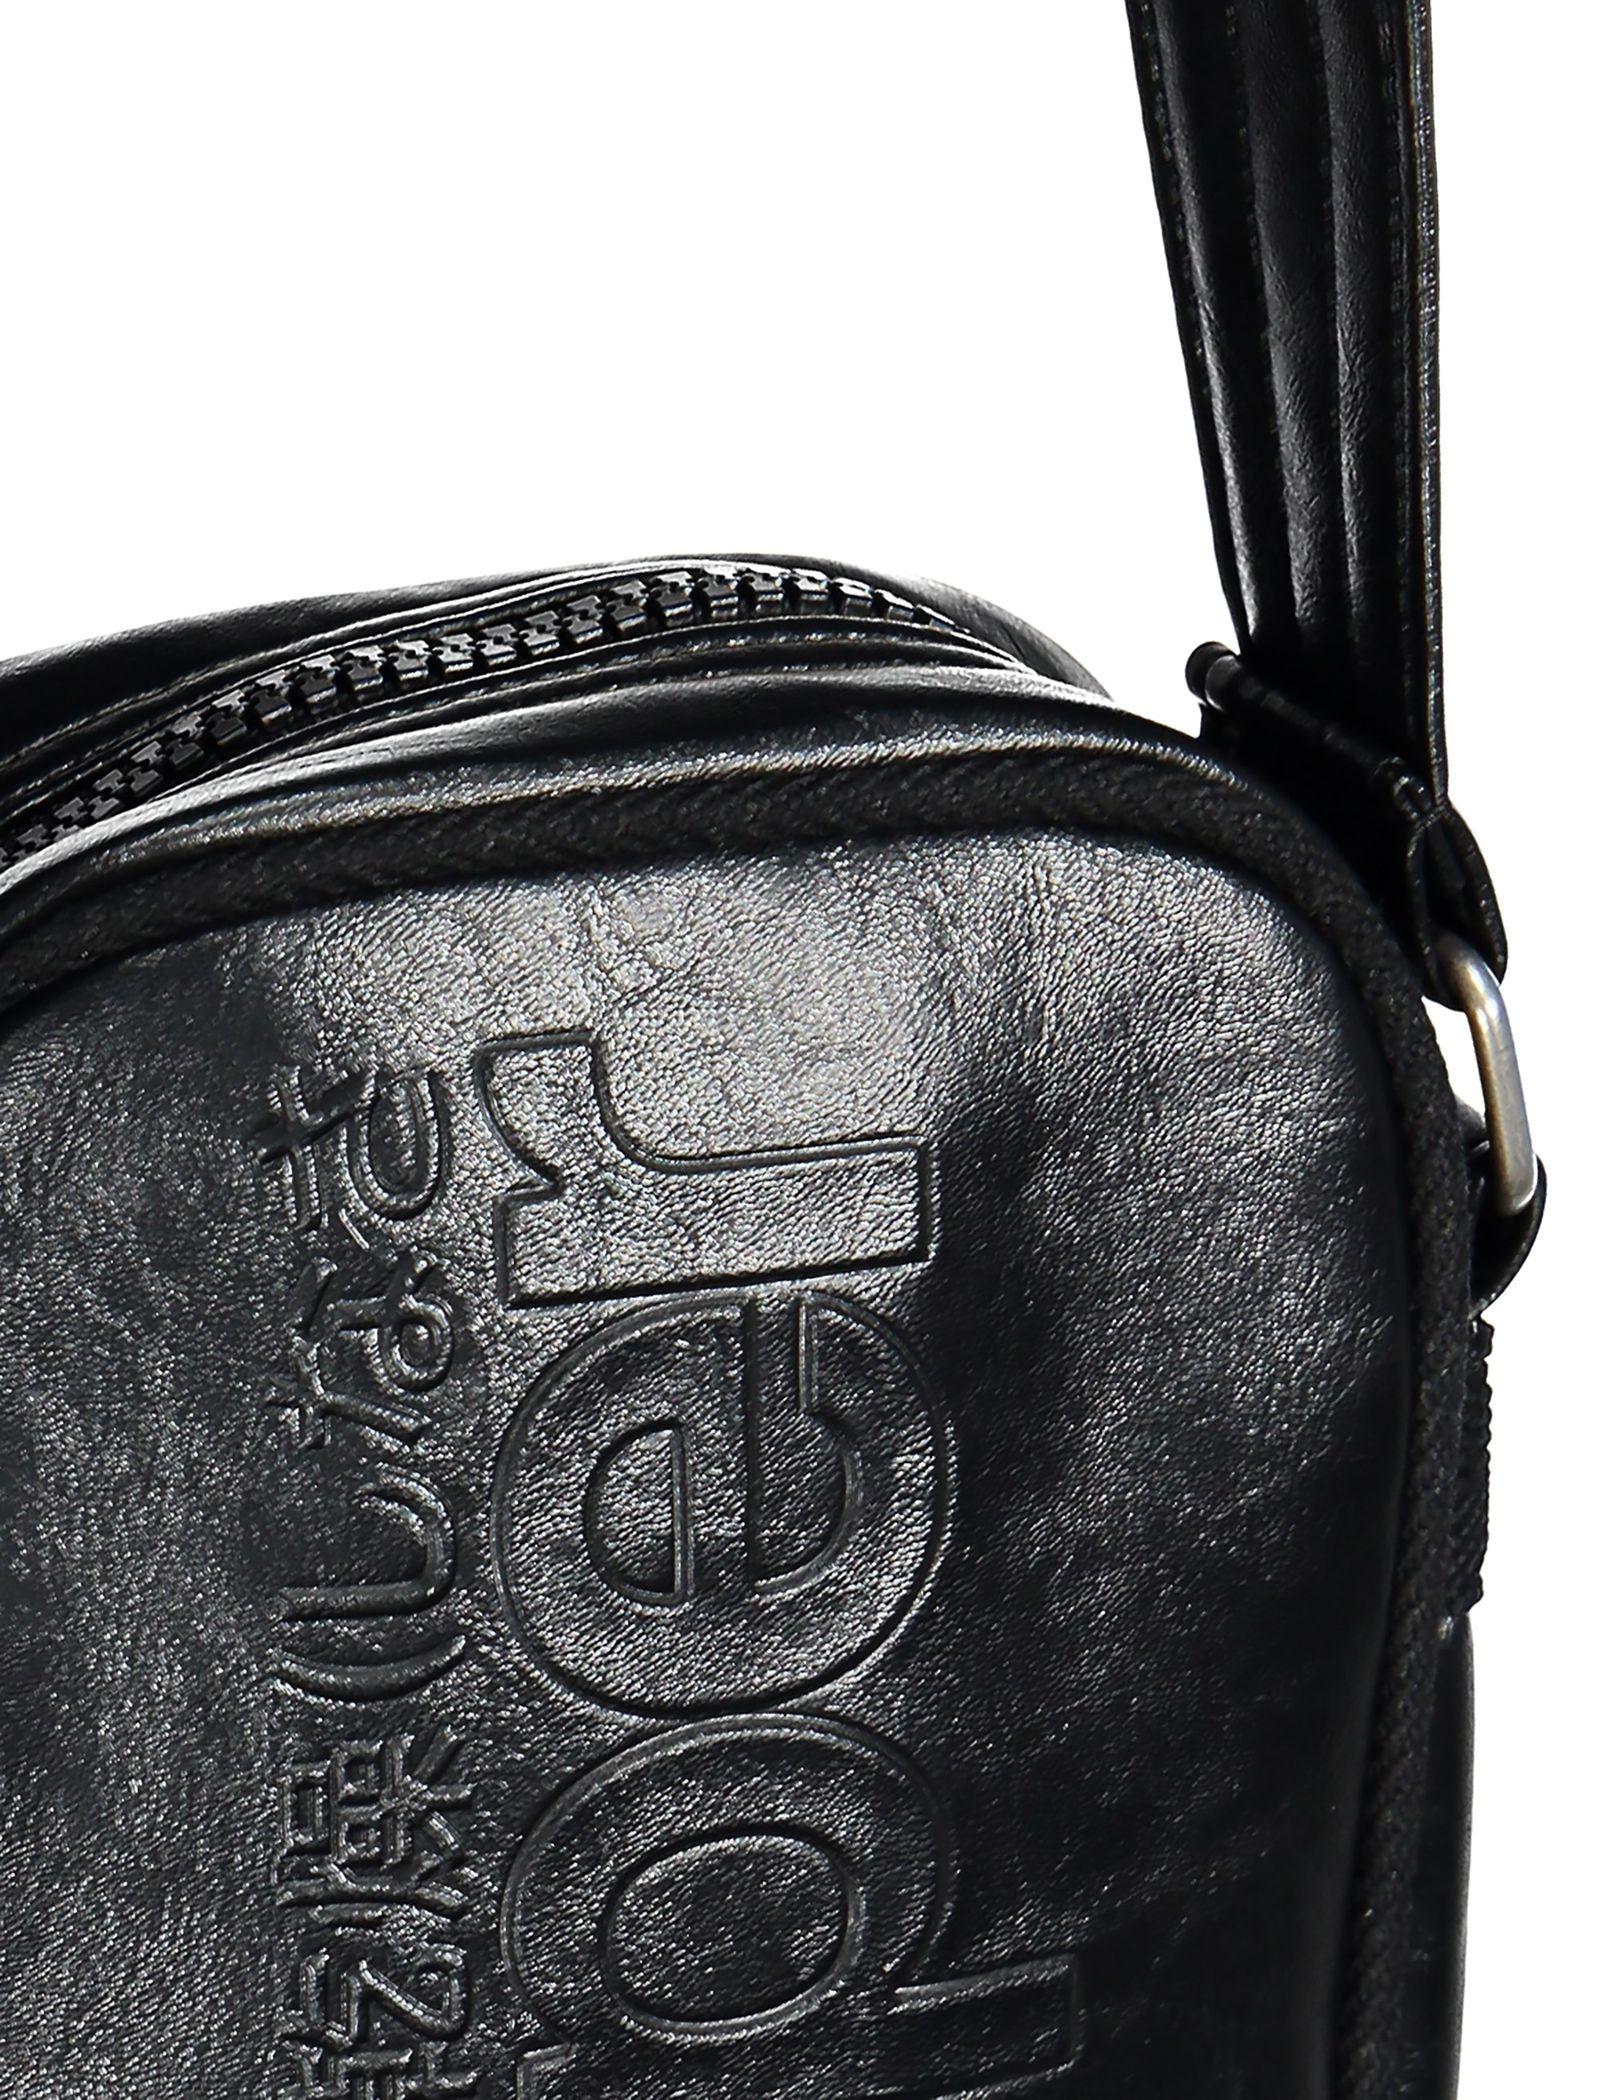 کیف دوشی روزمره بزرگسال - سوپردرای - Black - 6